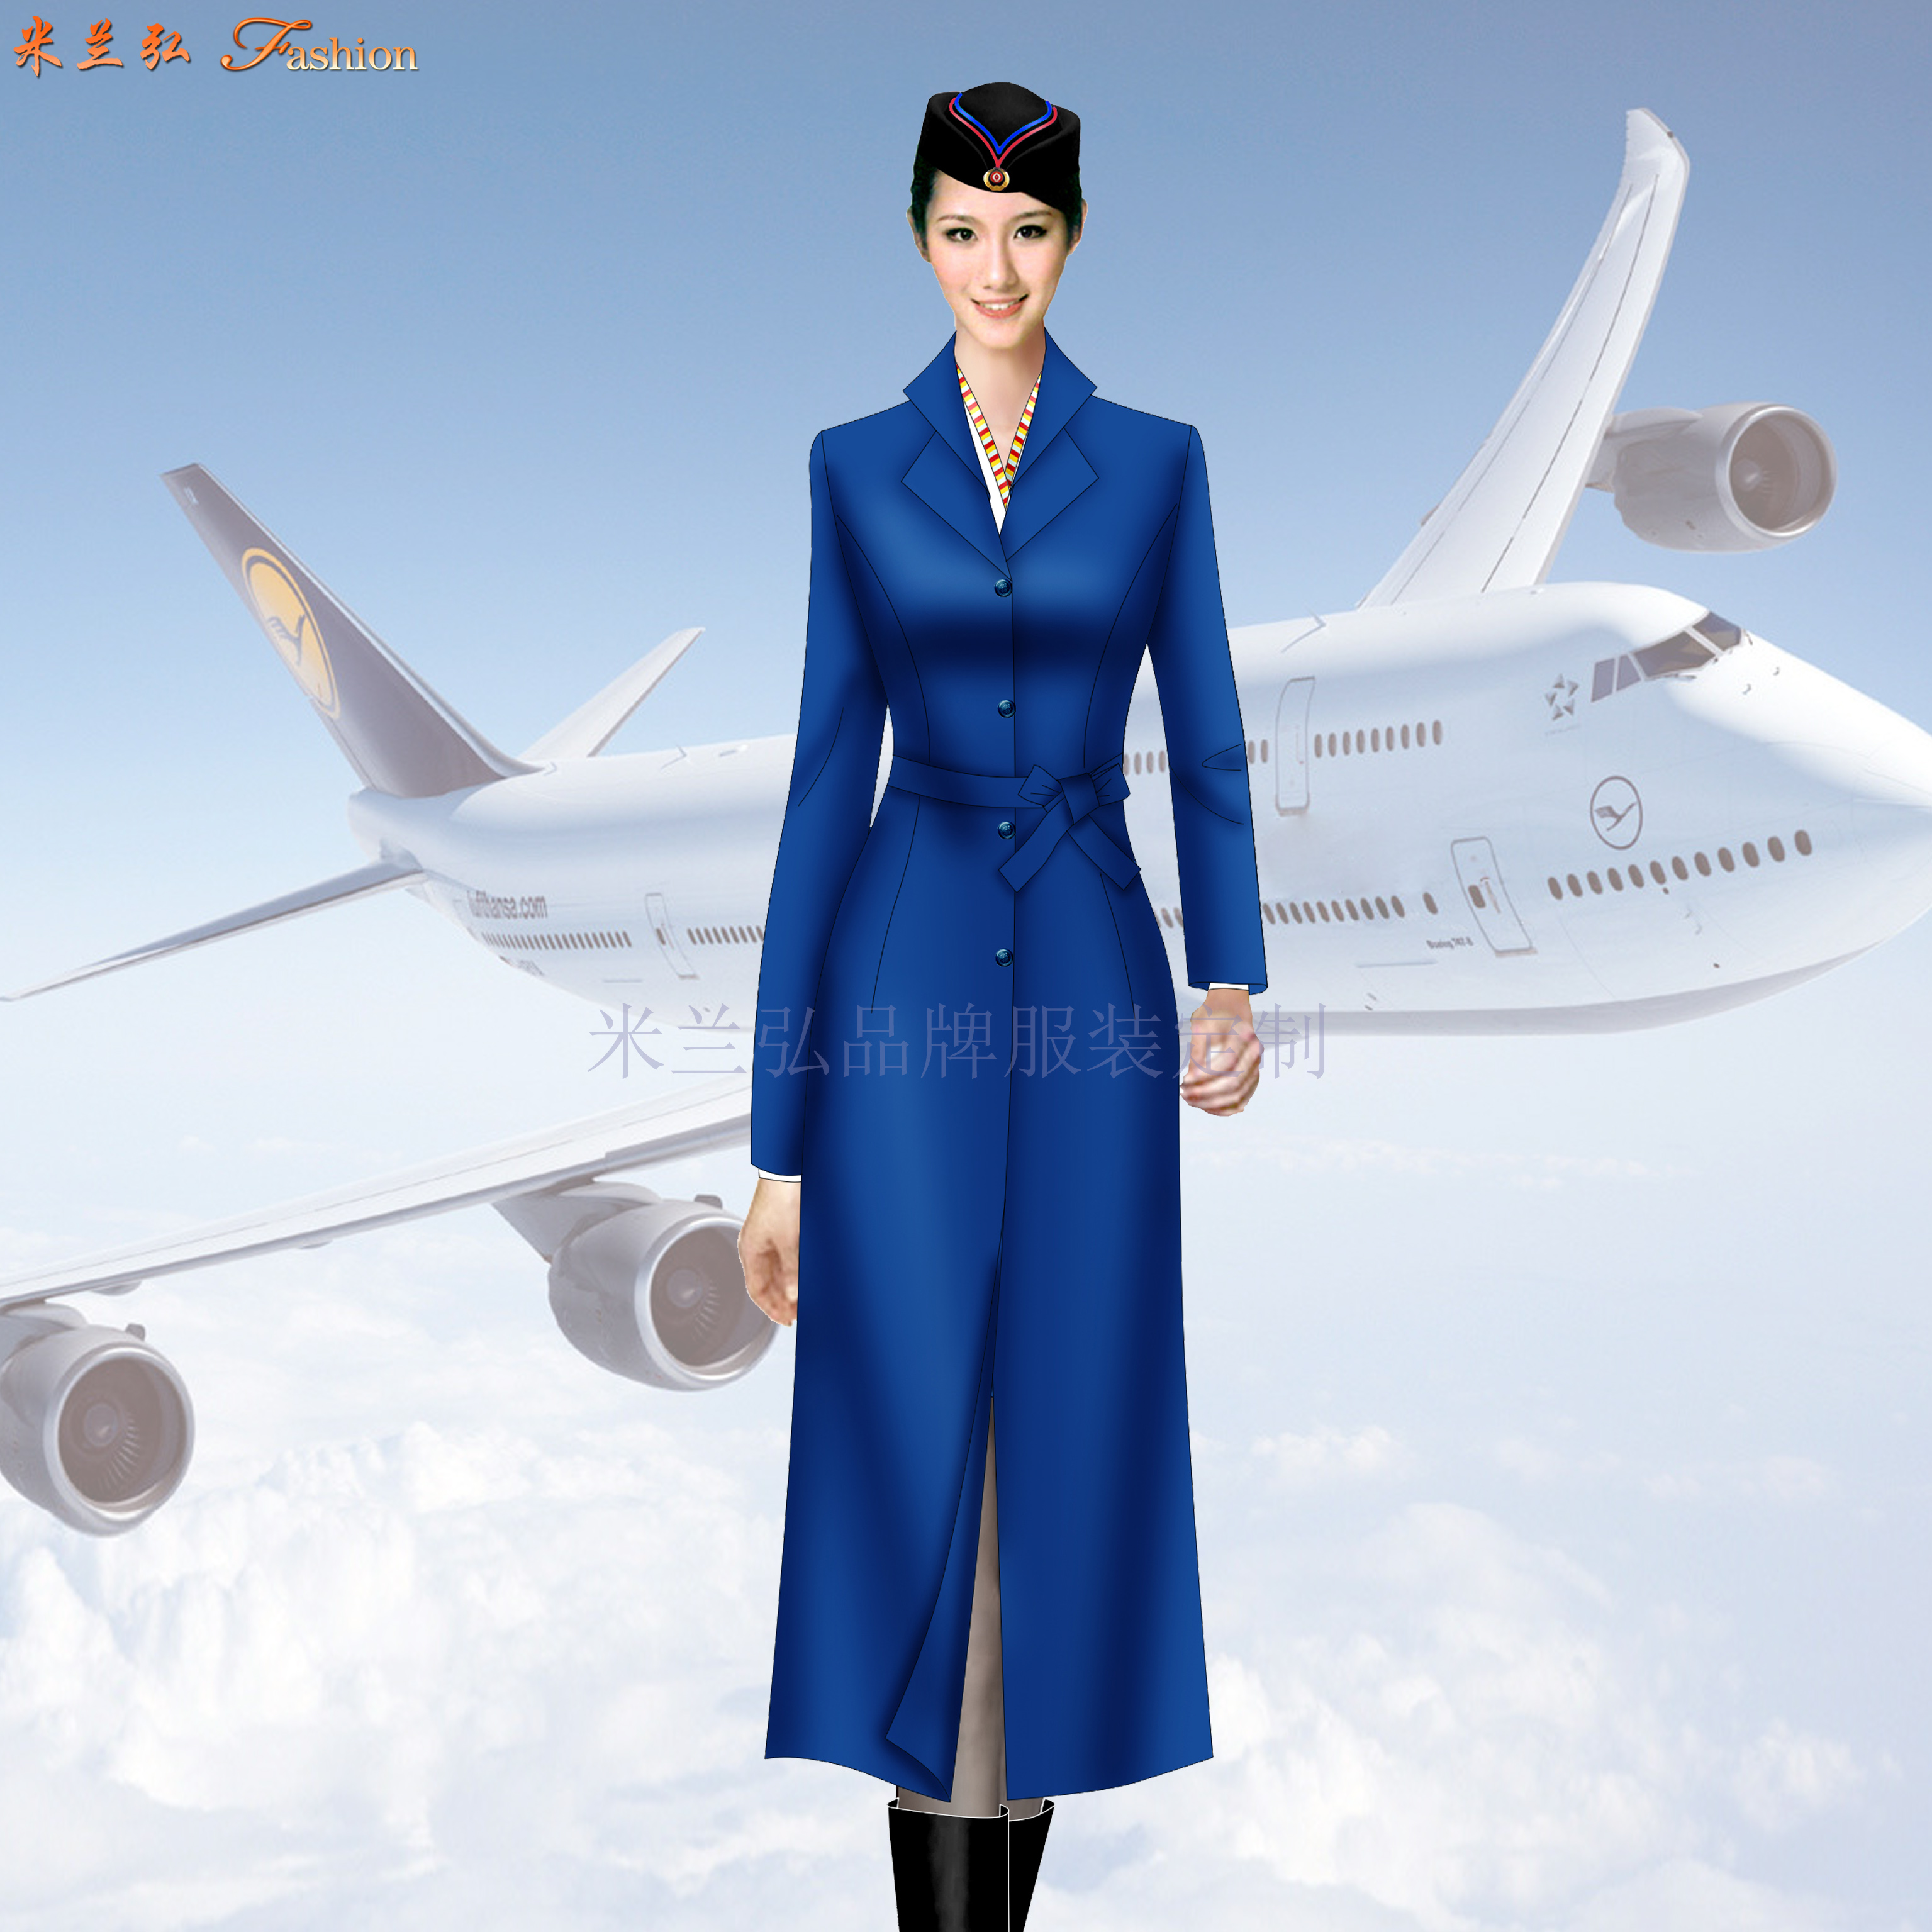 航空公司機長大衣定做_空姐服大衣定制_飛機空乘服大衣訂制-2